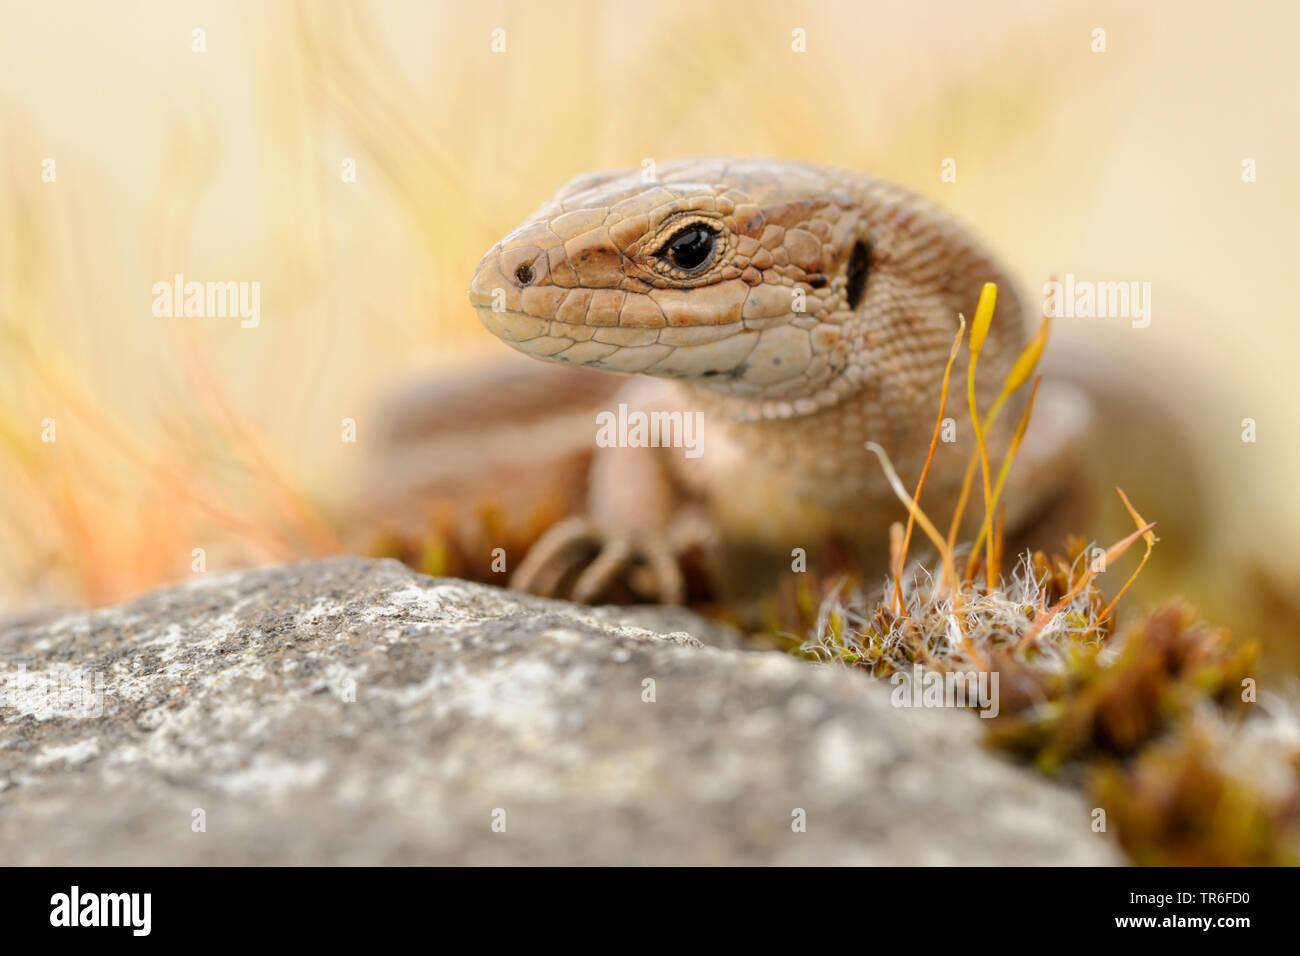 Lebendgebärenden Eidechse, gemeinsamen europäischen Eidechsen (Lacerta vivipara, Zootoca Vivipara), Porträt, Seitenblick, Deutschland Stockfoto